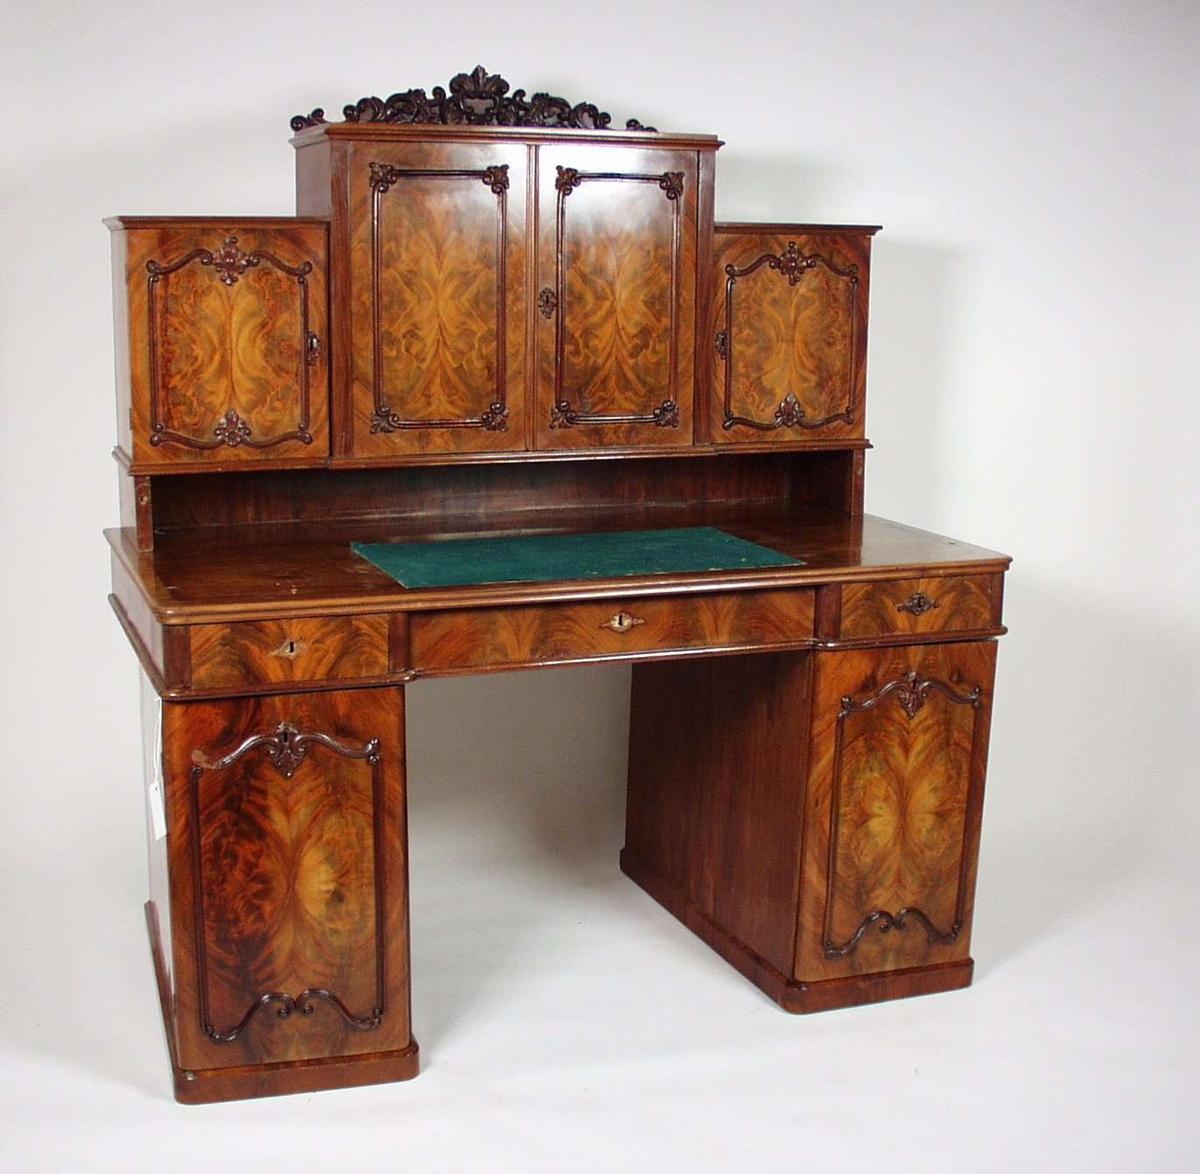 Skrivebord i nøttetre. To skapseksjoner holder pultplata, på pulten står skap. Lister på dørene er profilerte og utskjærte. Grønn filtmatte ligger på pultplata til skriveunderlag.